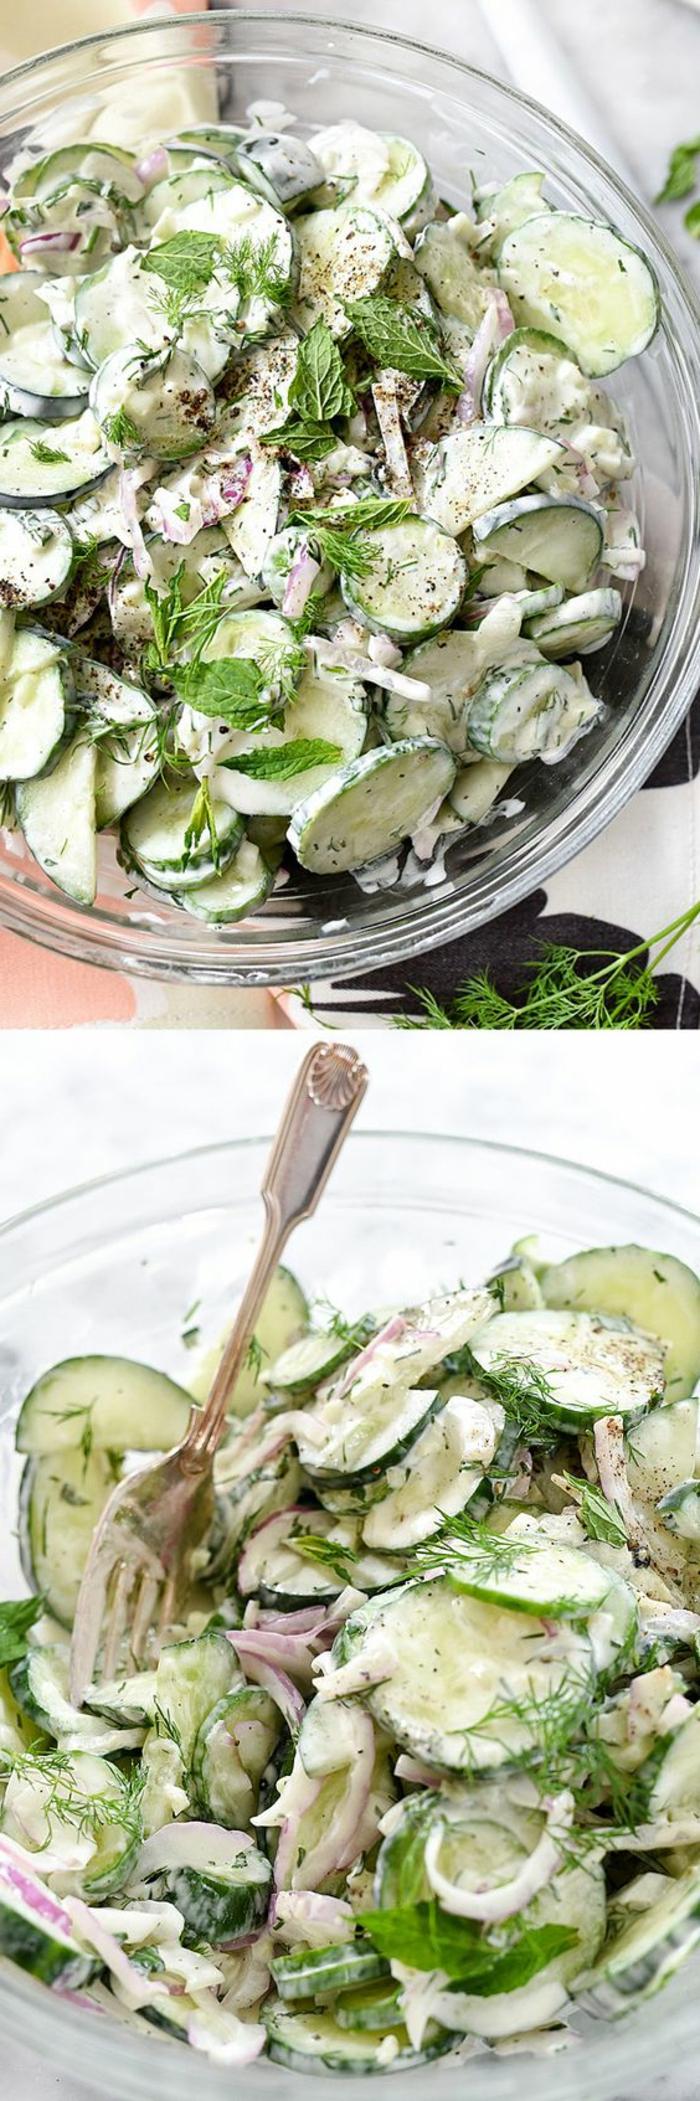 idee pique nique, salade picnic faicle et rapide, ingrédients concombres en rondelles, oignon rouge, aneth, yaourt, menthe, idée de repas pour aller passer une journée en plein air